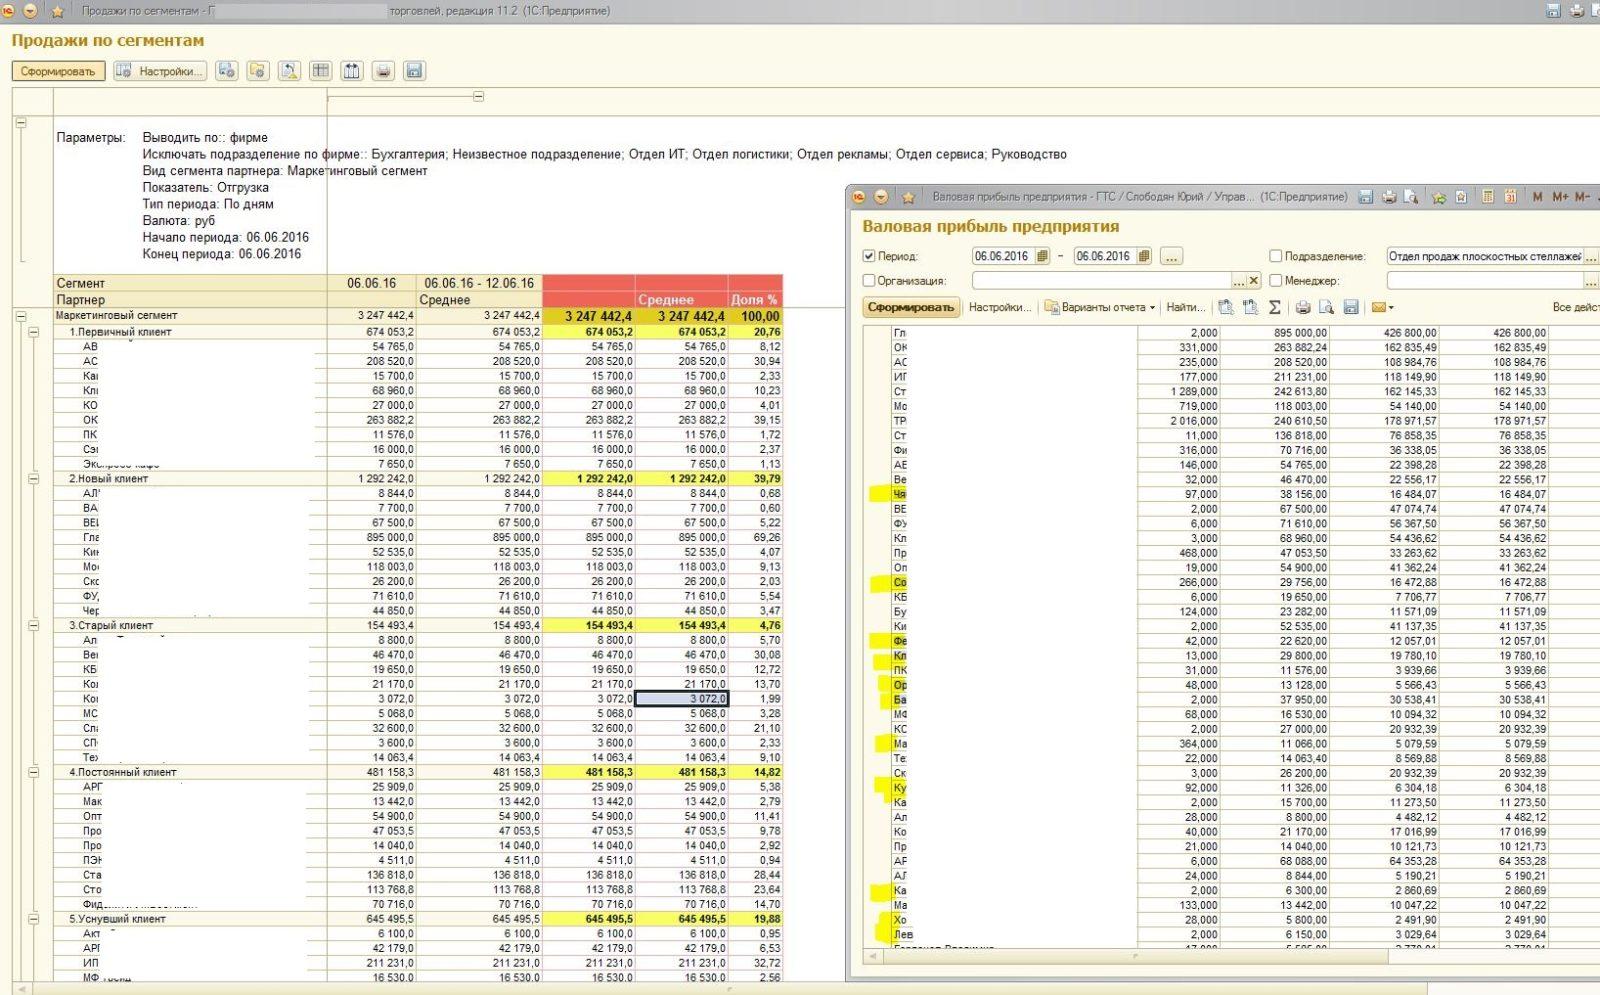 Расширенное сегментирование клиентов на базе 1С:УТ